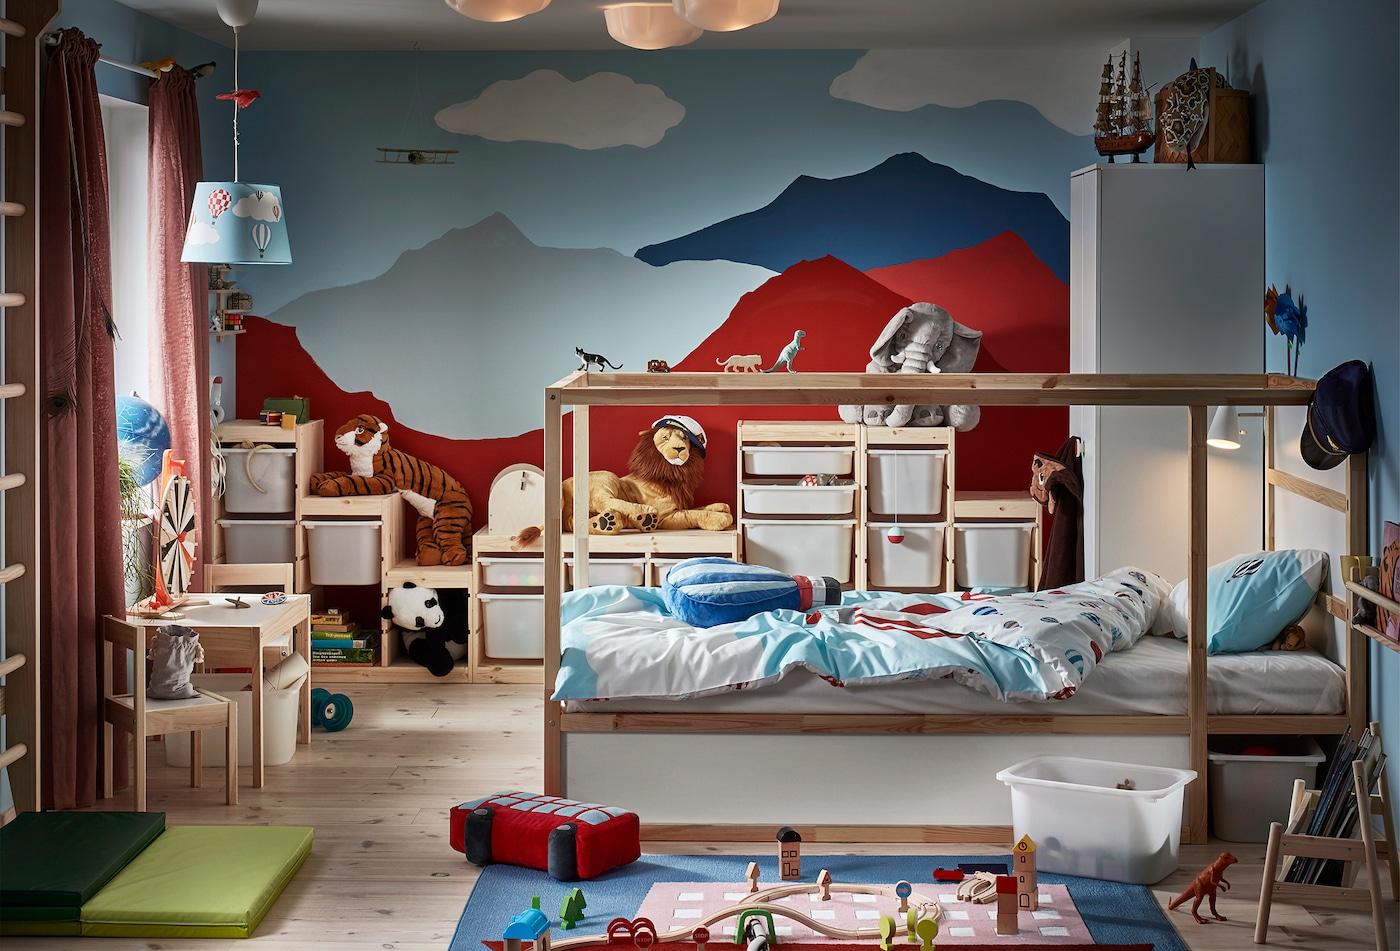 山を描いた壁が印象的な子ども部屋。リバーシブルベッド、ウォールバー、おもちゃ、さまざまな収納が置かれています。